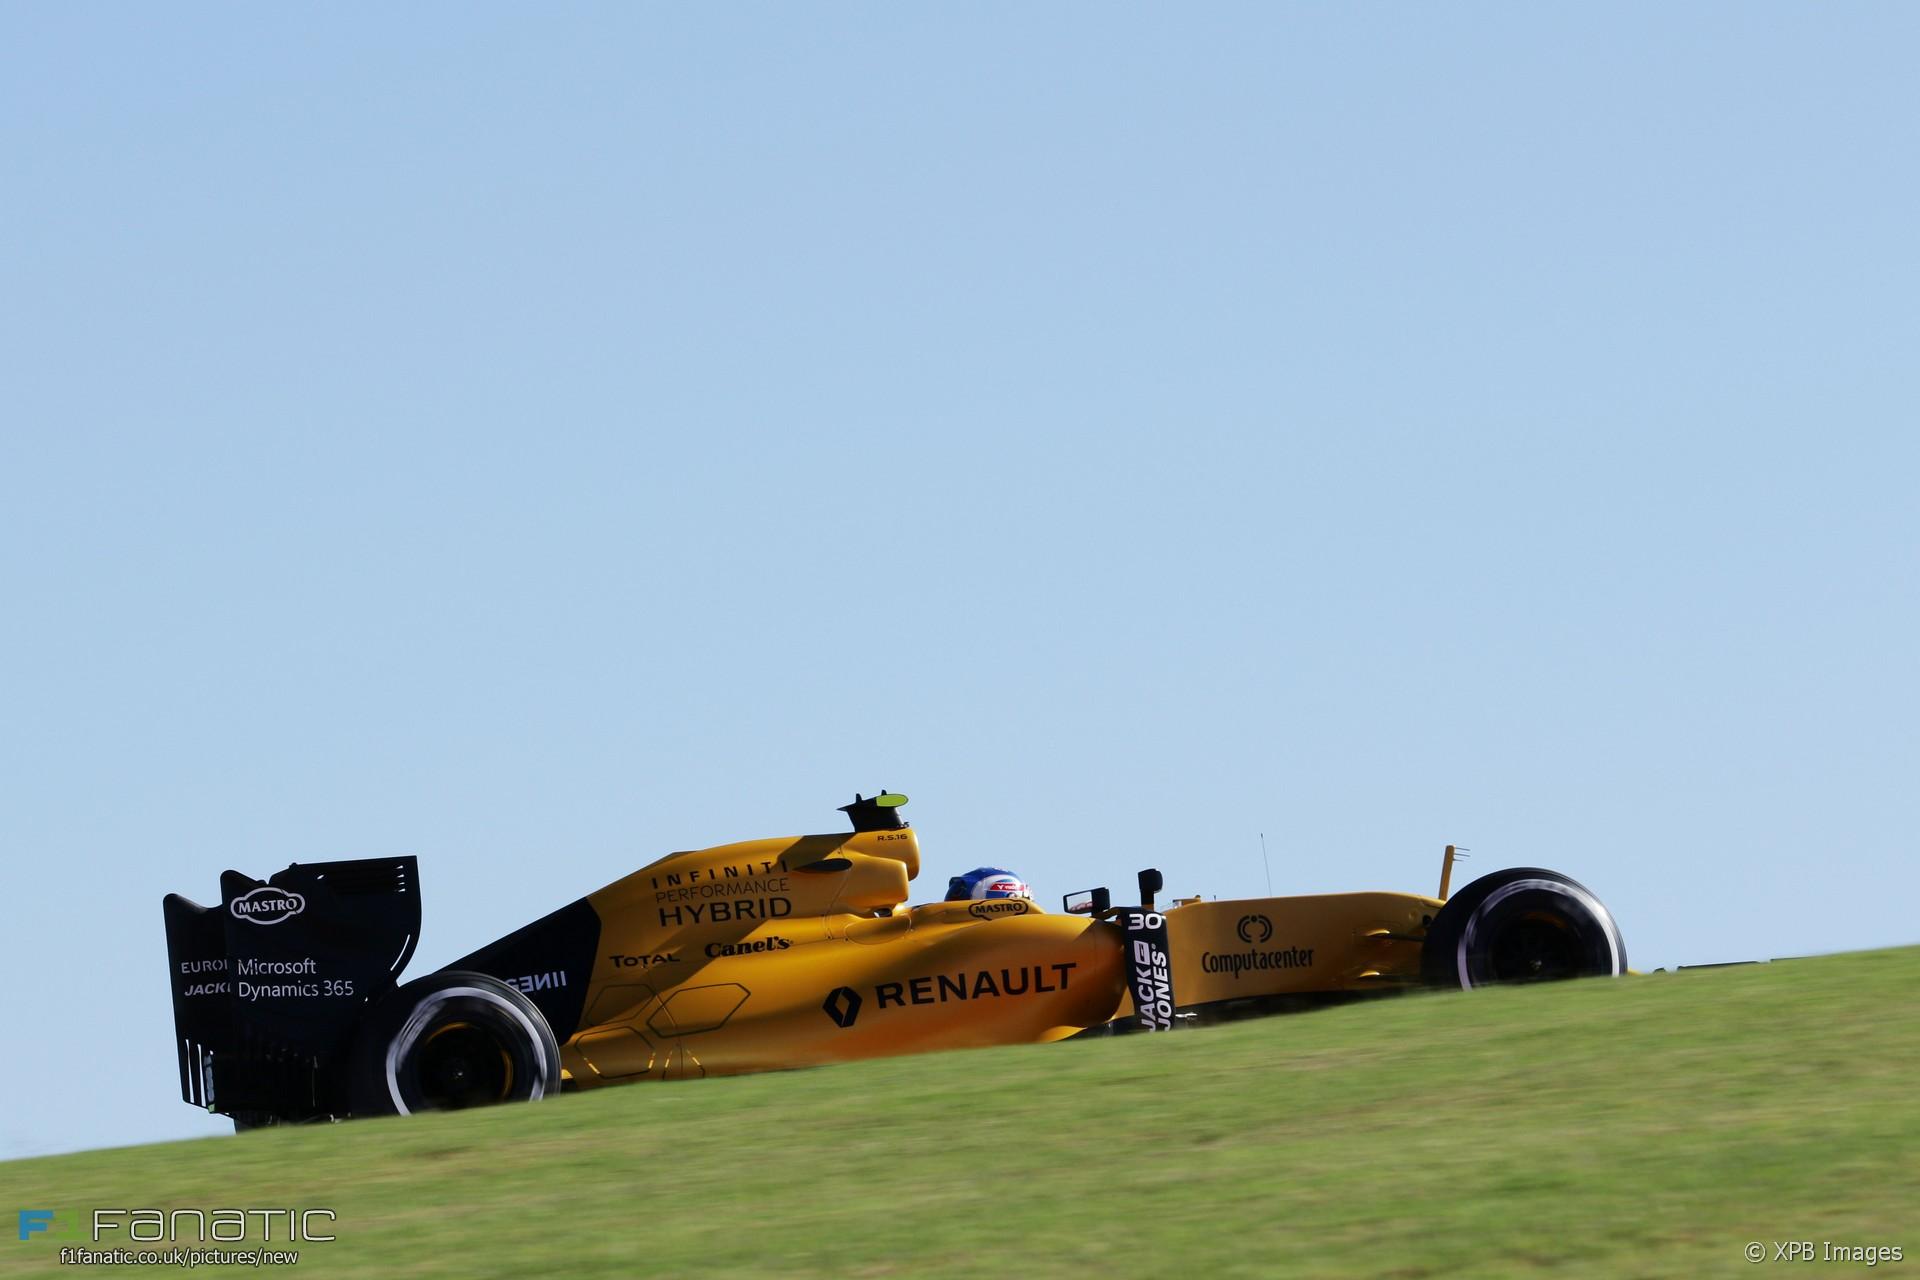 Jolyon Palmer, Renault, Circuit of the Americas, 2016